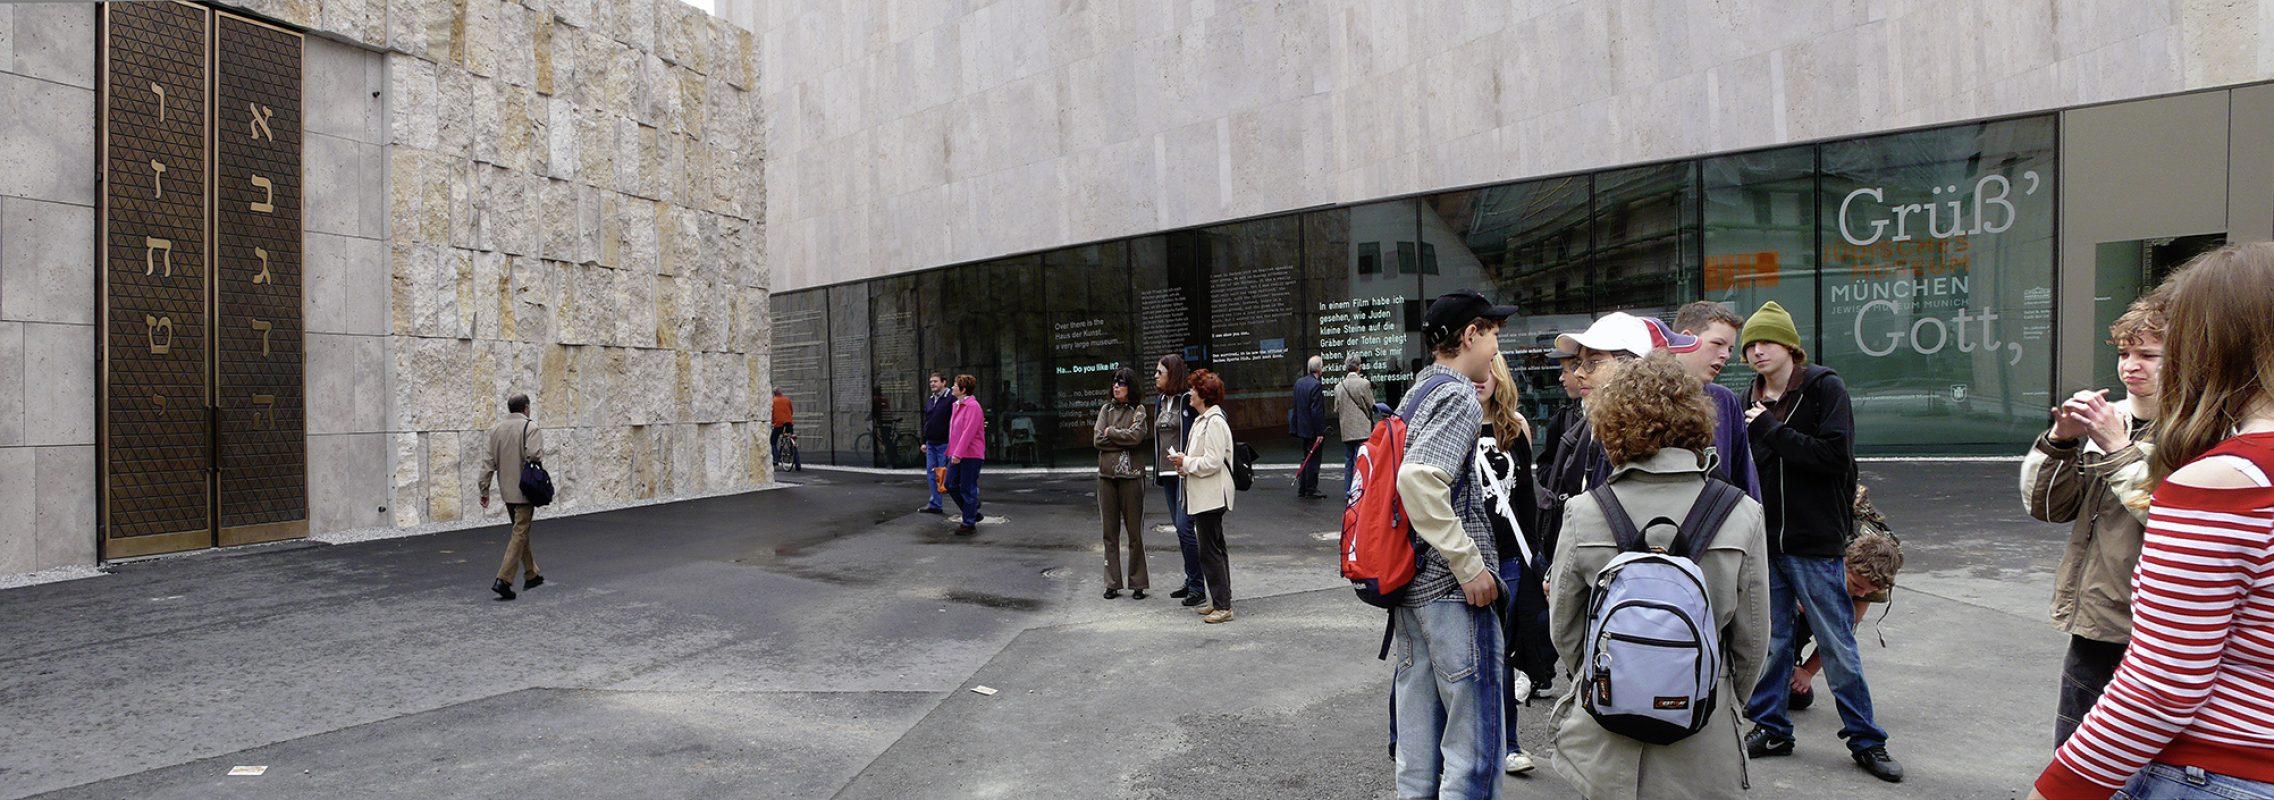 München, Jüdisches Museum, Jugendliche